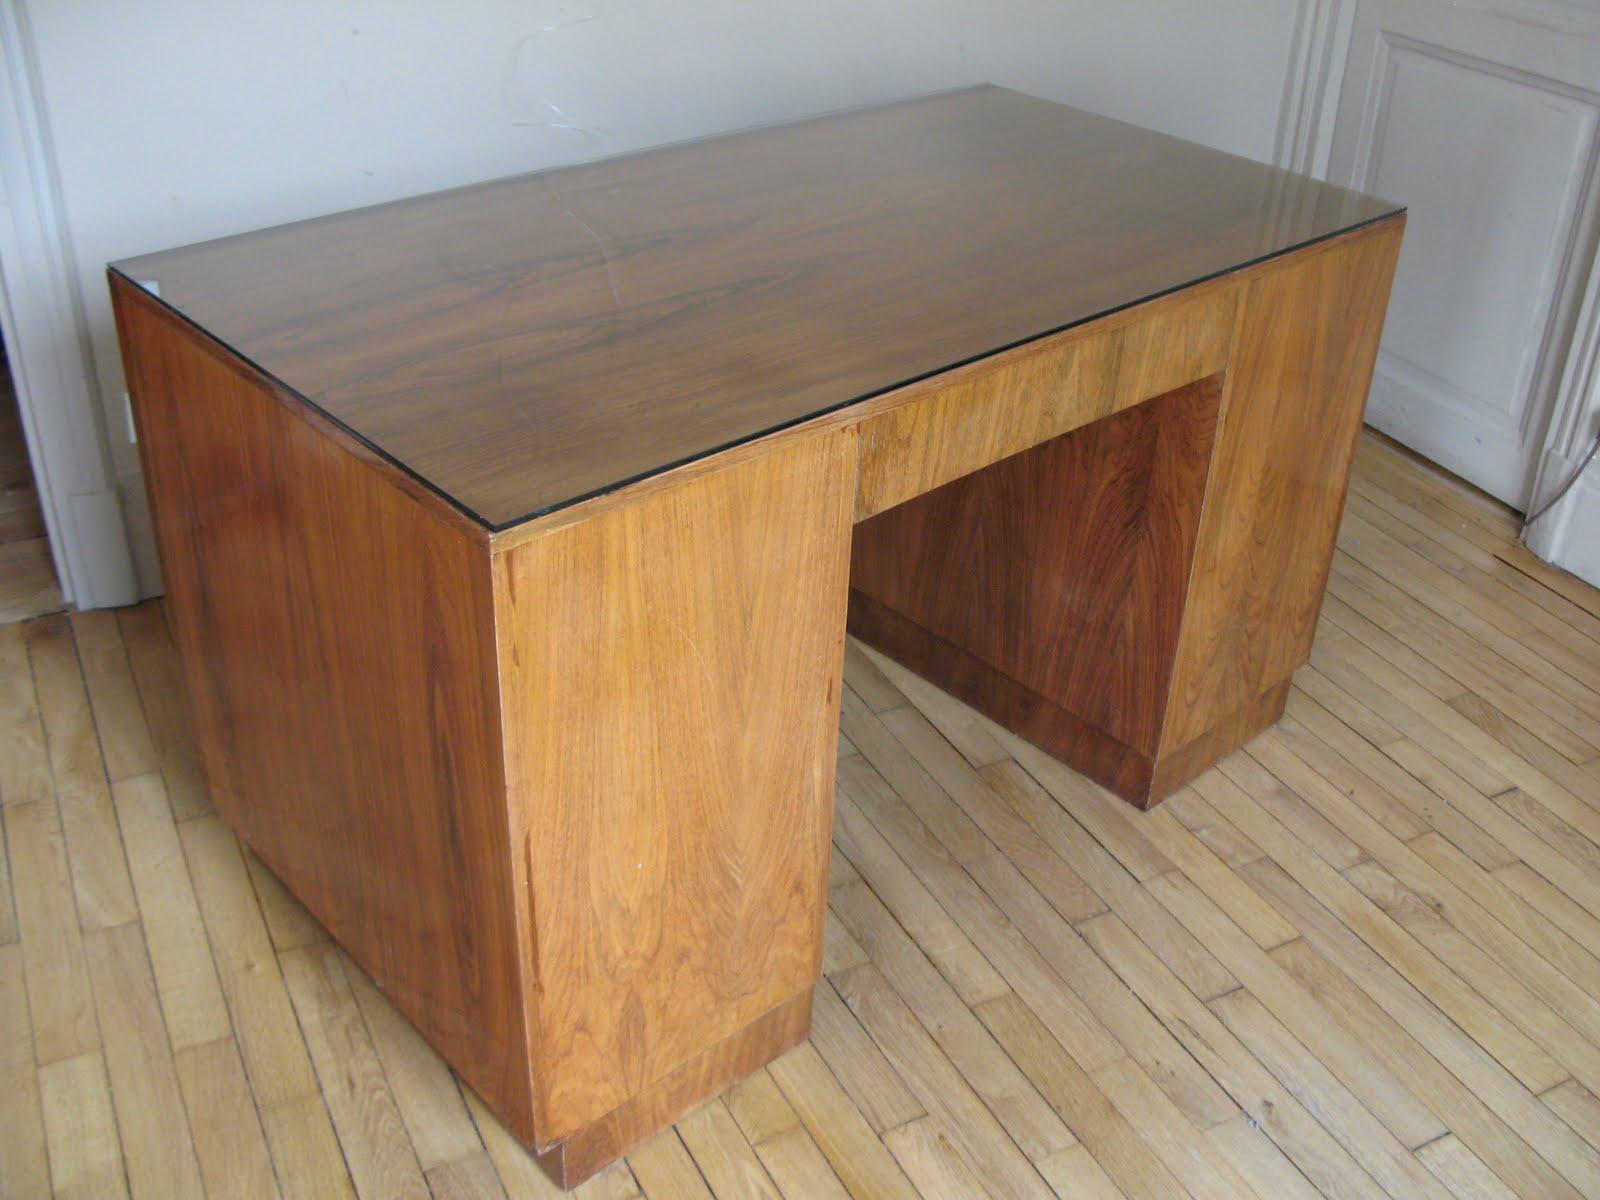 tout un appartement vider mobilier vaisselle d coration bonnes occasions juin 2010. Black Bedroom Furniture Sets. Home Design Ideas